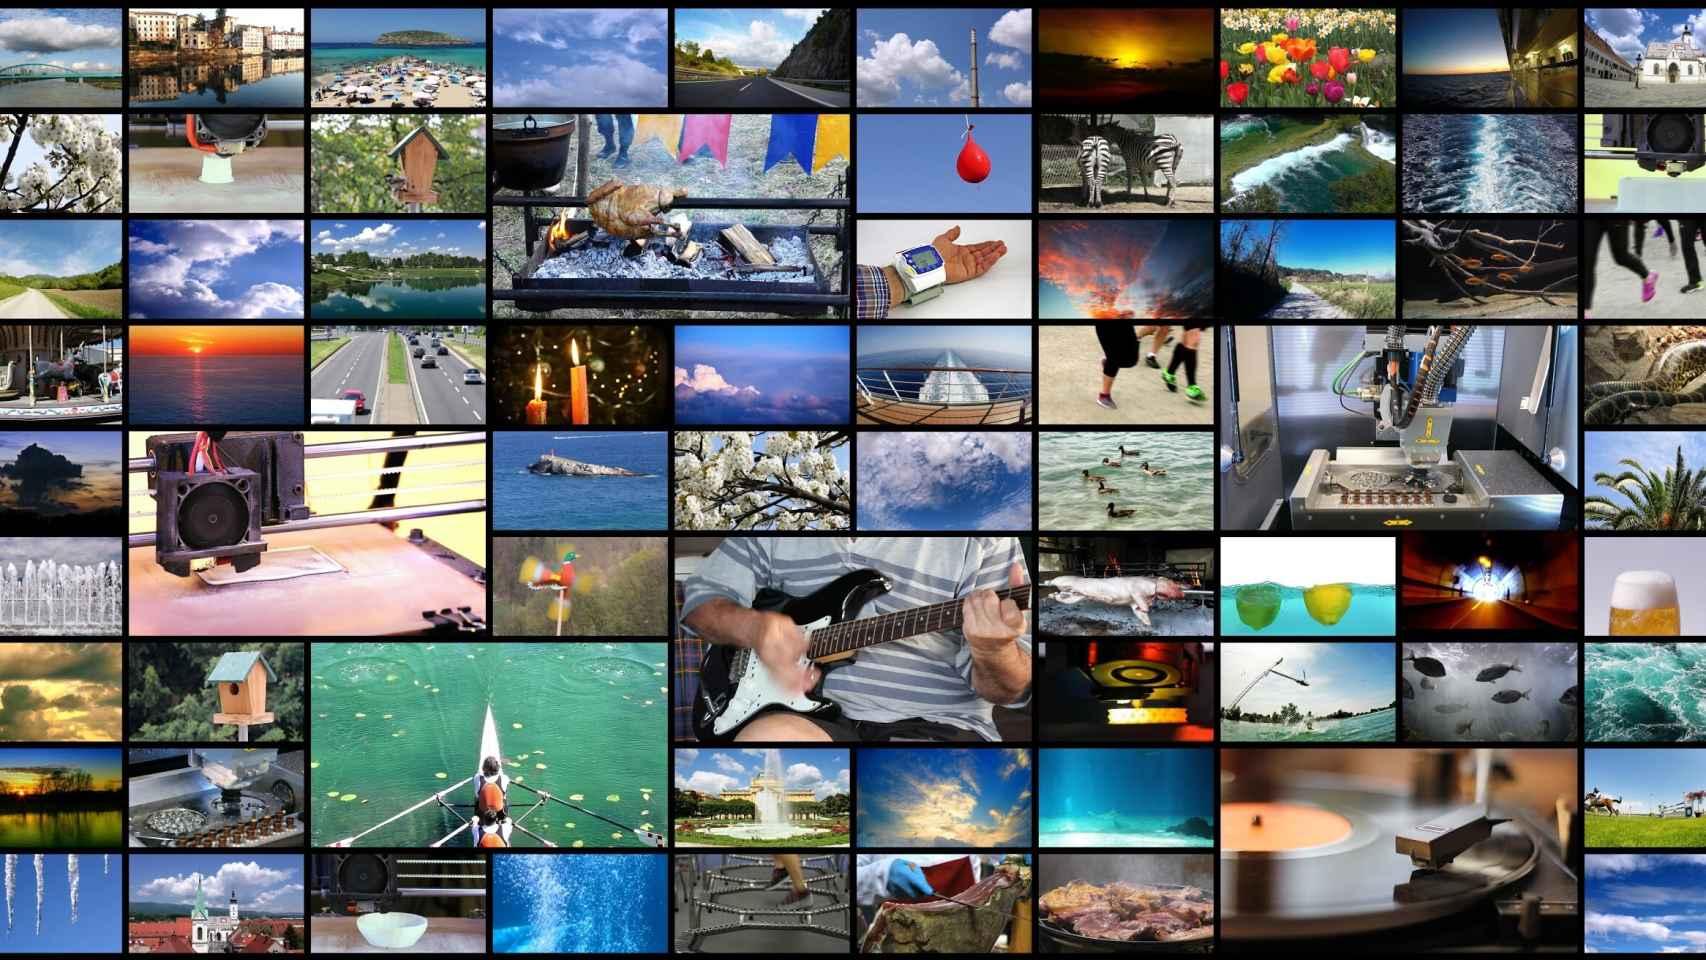 La nueva tecnología de reconocimiento de imágenes de Facebook tiene una precisión mucho mayor que los sistemas actuales.